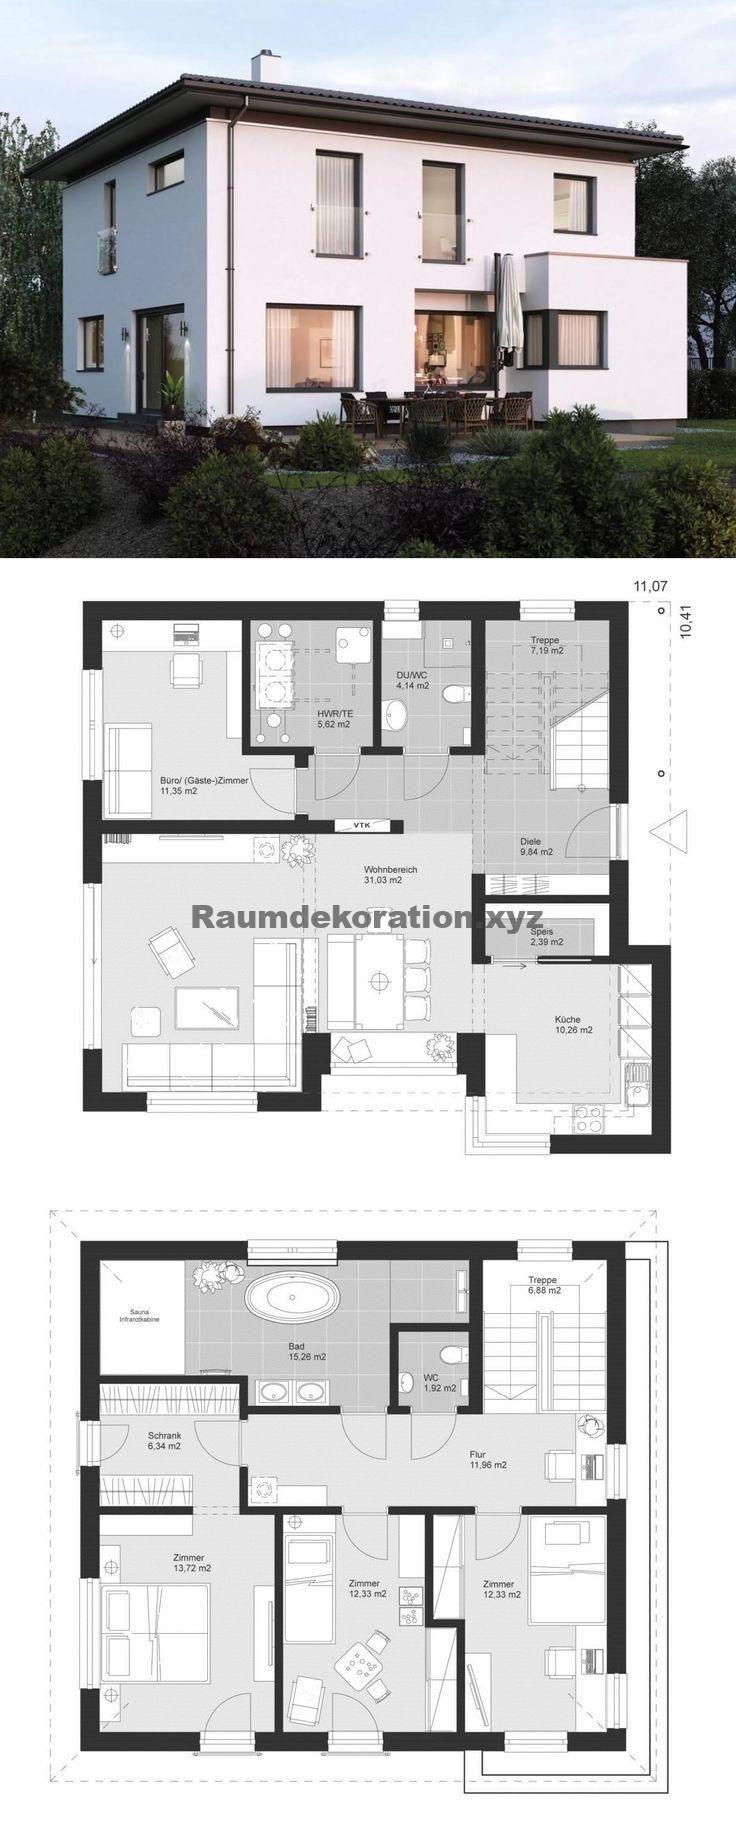 Idées architecturales – Plan de la villa de ville moderne Style architectural avec toit en croupe et extension de baie vitrée